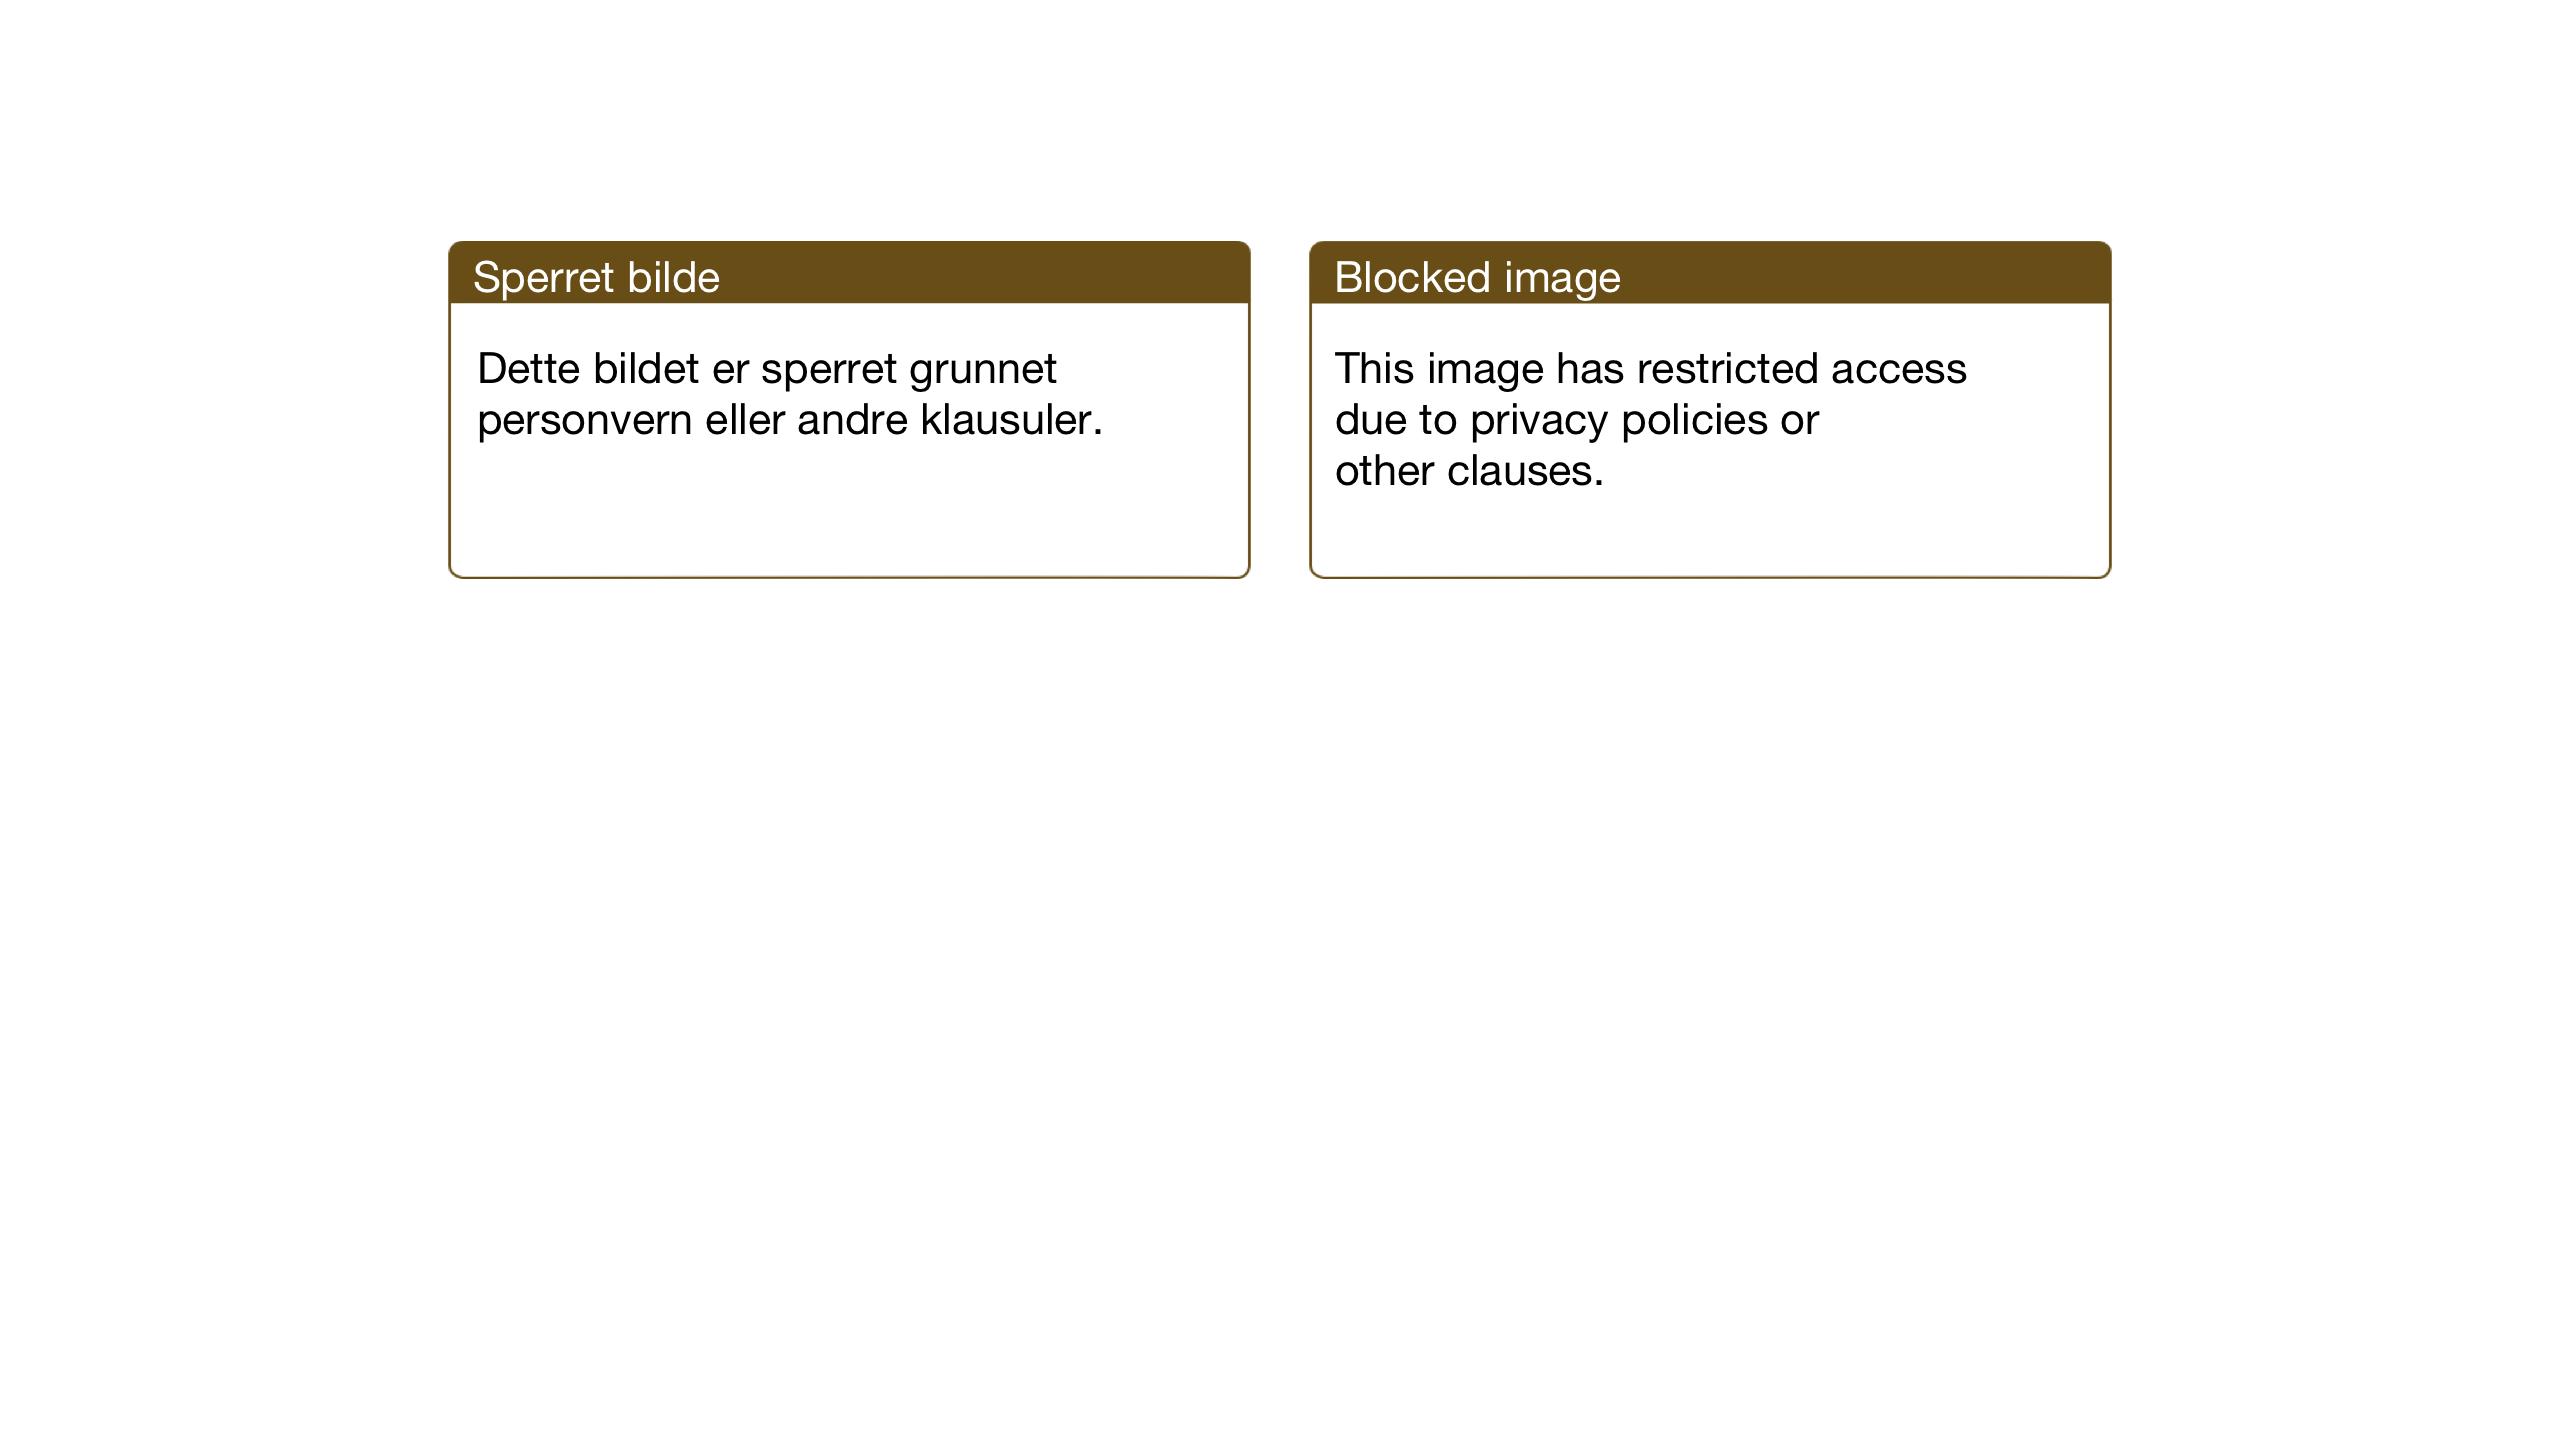 SAT, Ministerialprotokoller, klokkerbøker og fødselsregistre - Sør-Trøndelag, 689/L1045: Klokkerbok nr. 689C04, 1923-1940, s. 51